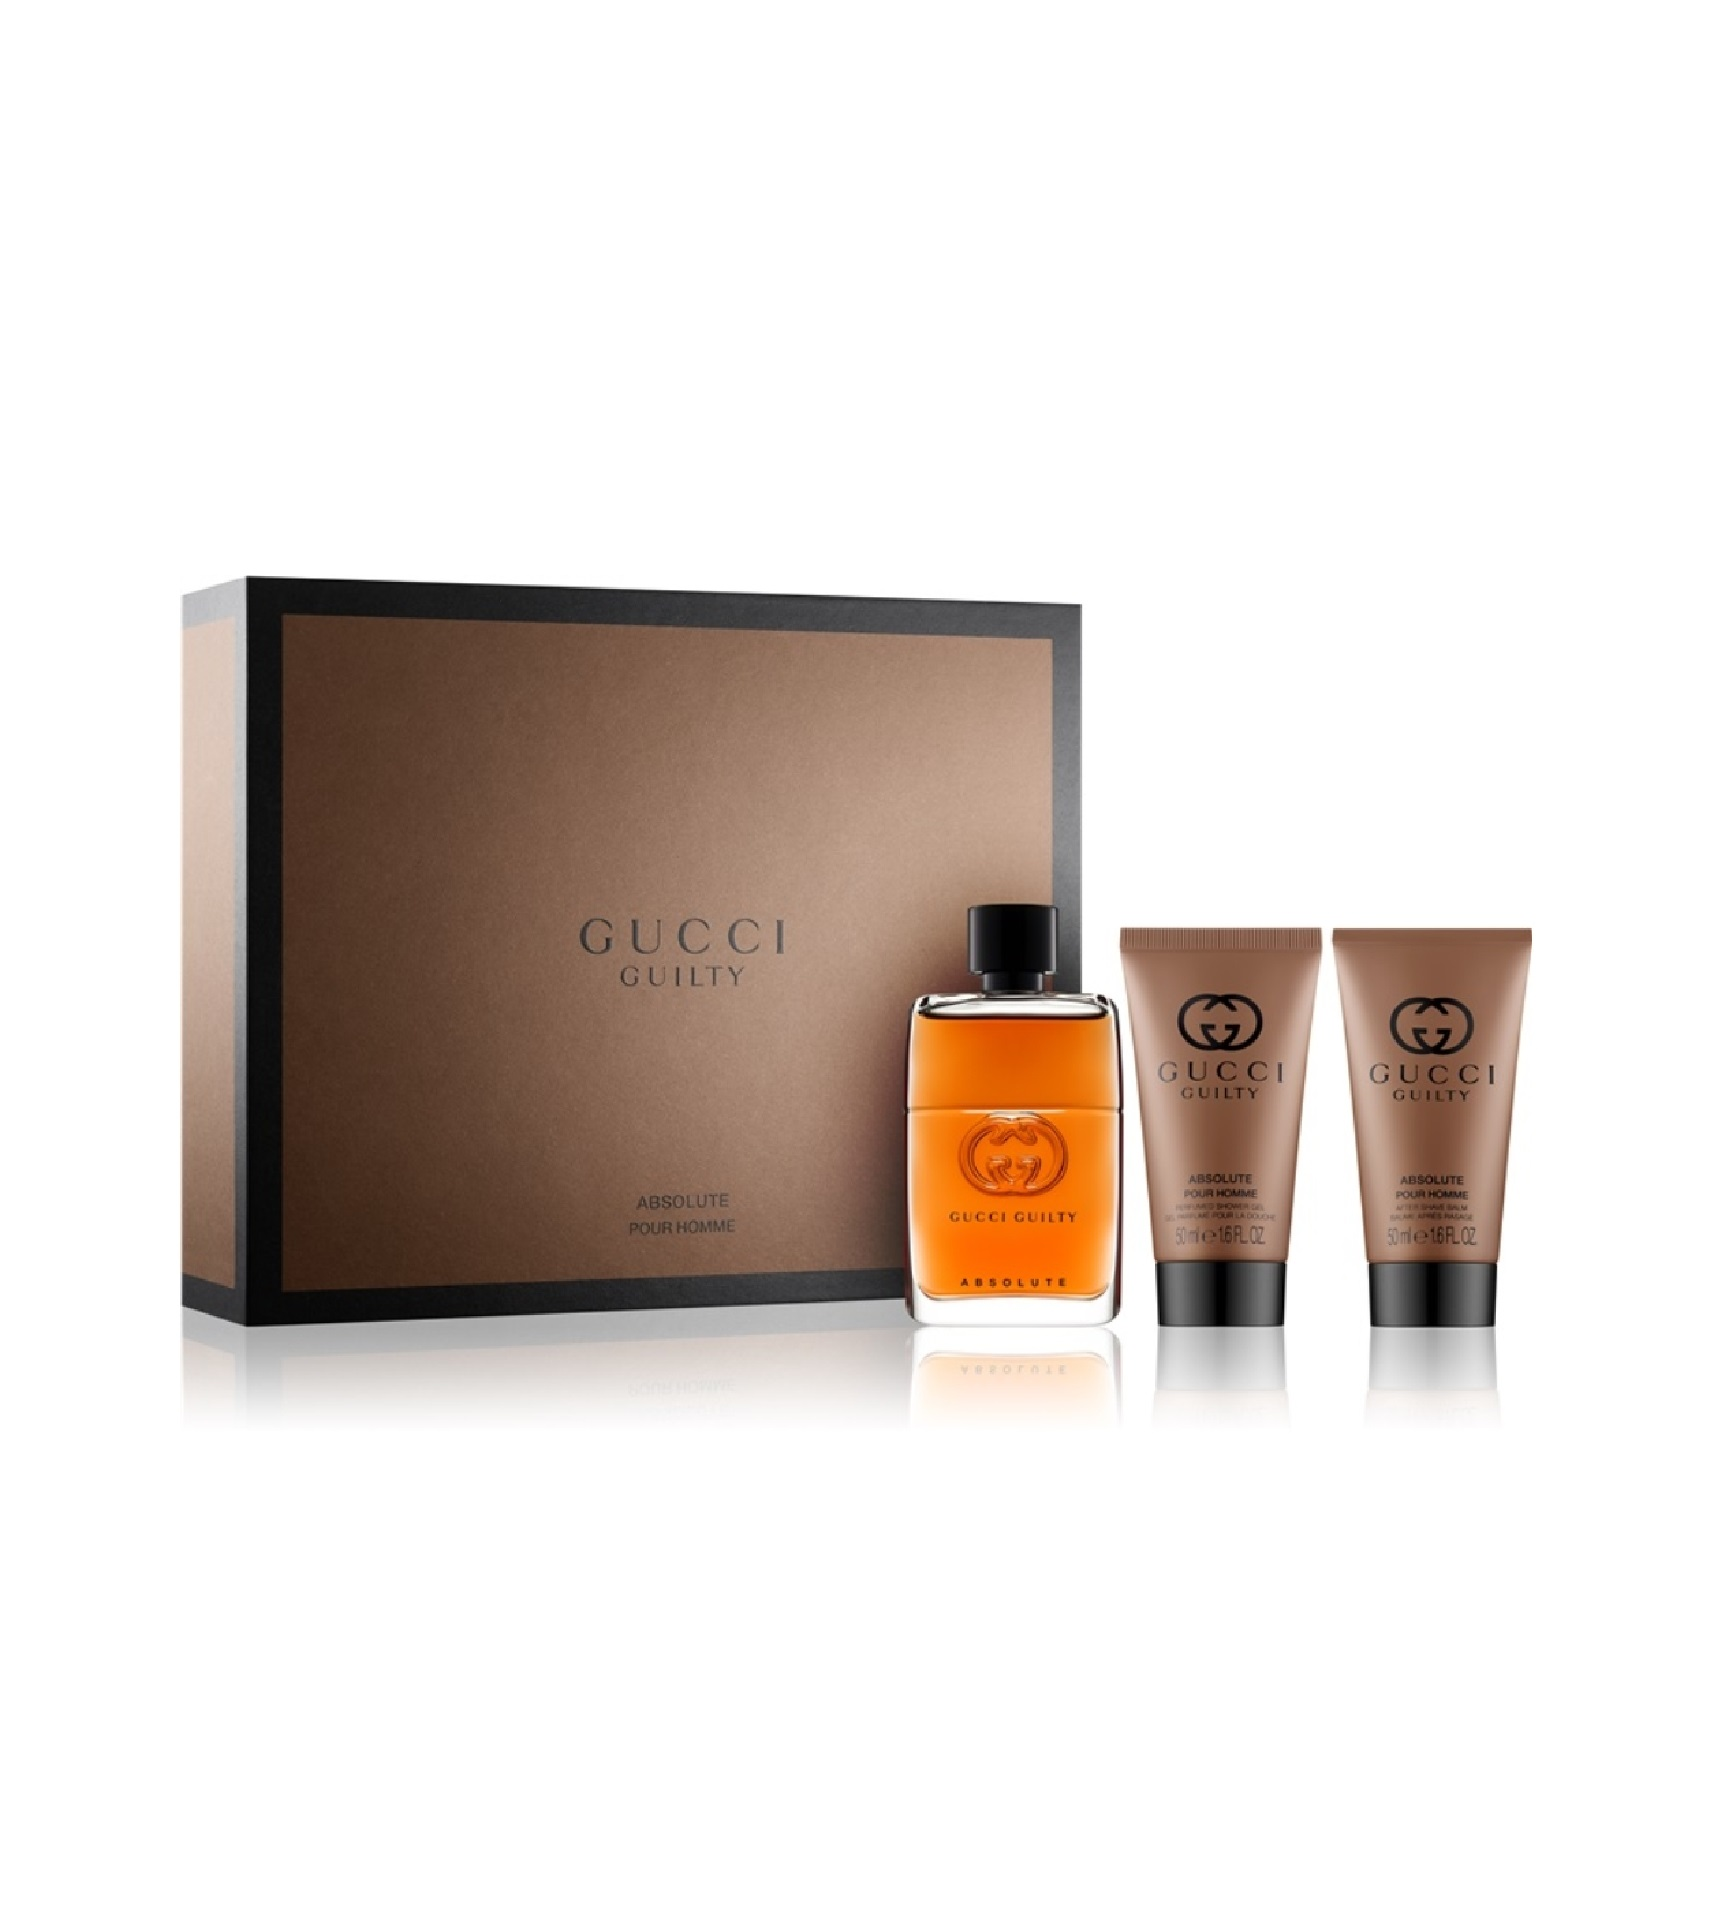 5e19a35ad7e4e2 GUCCI Guilty Absolut coffret cadeau – Perla   1 Au Maroc   prix ...